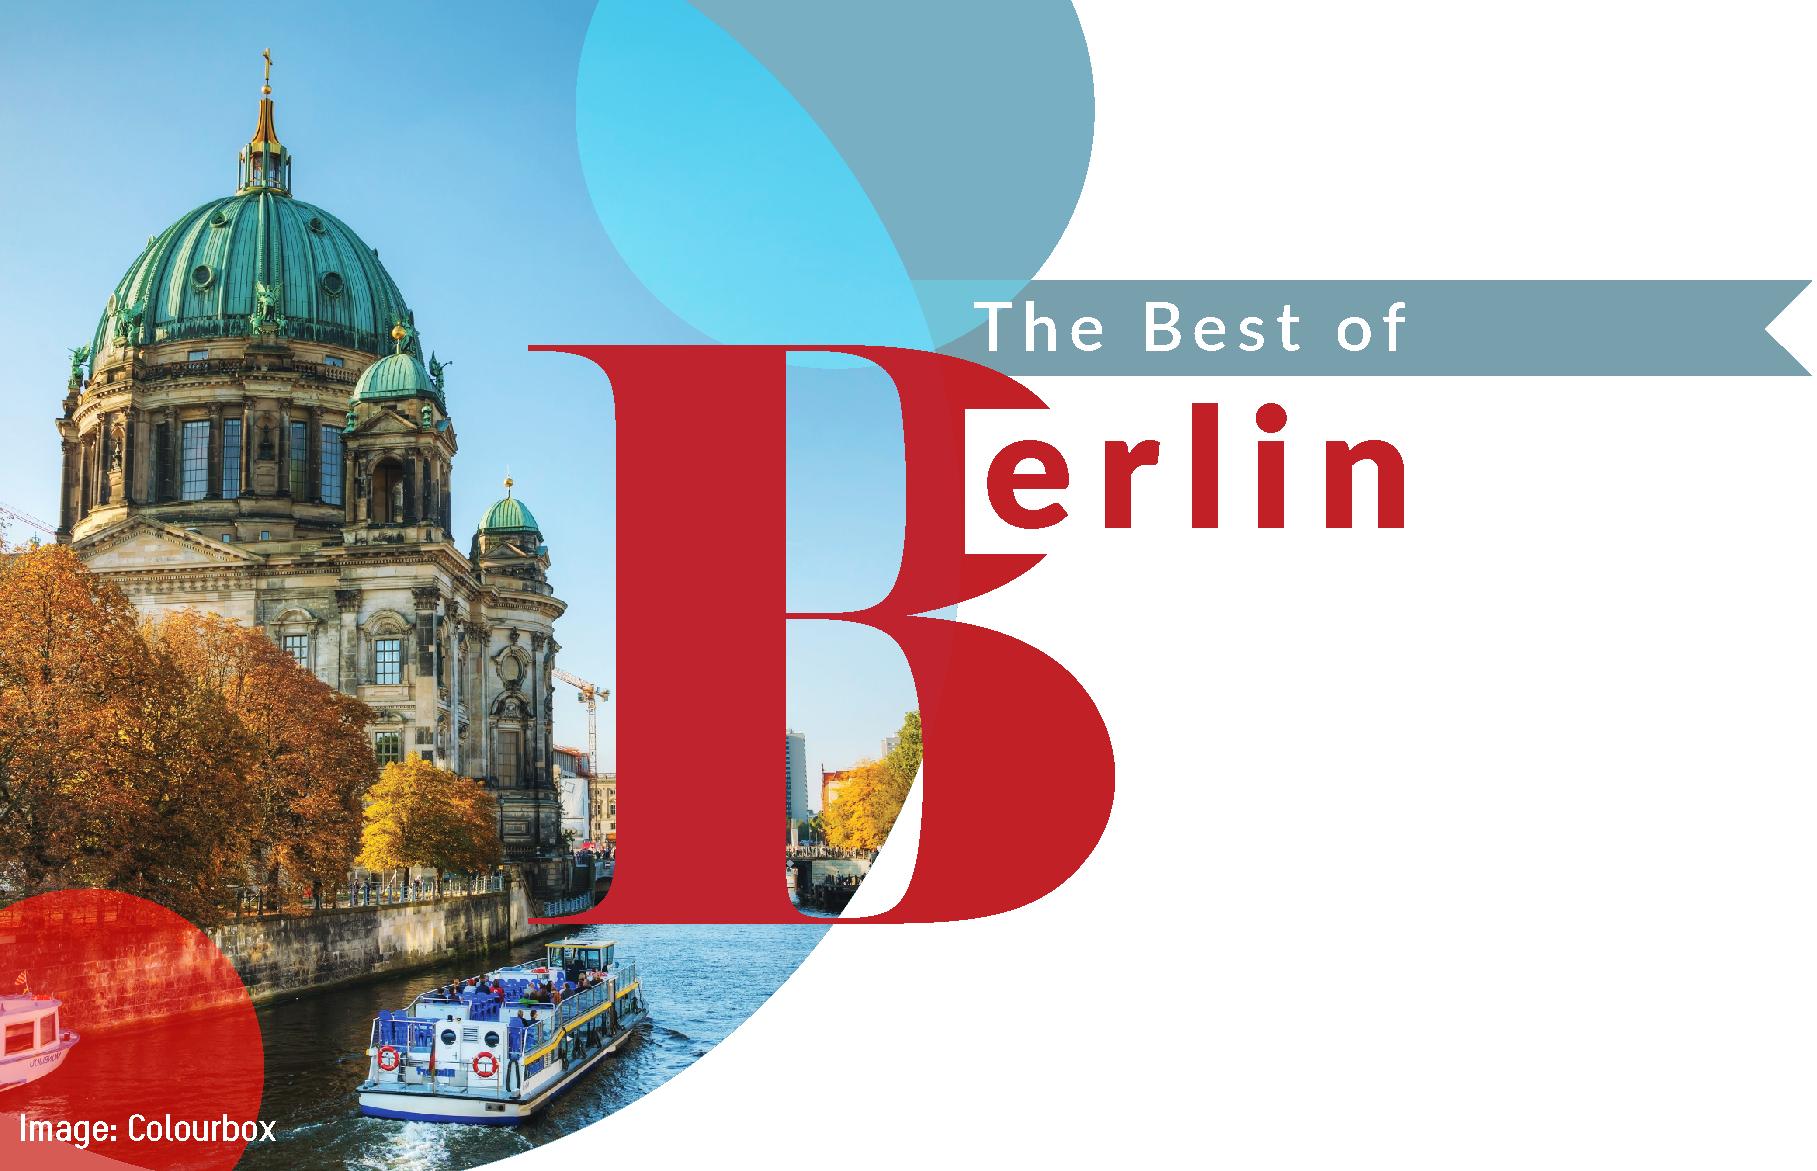 Best of Berlin in Germany